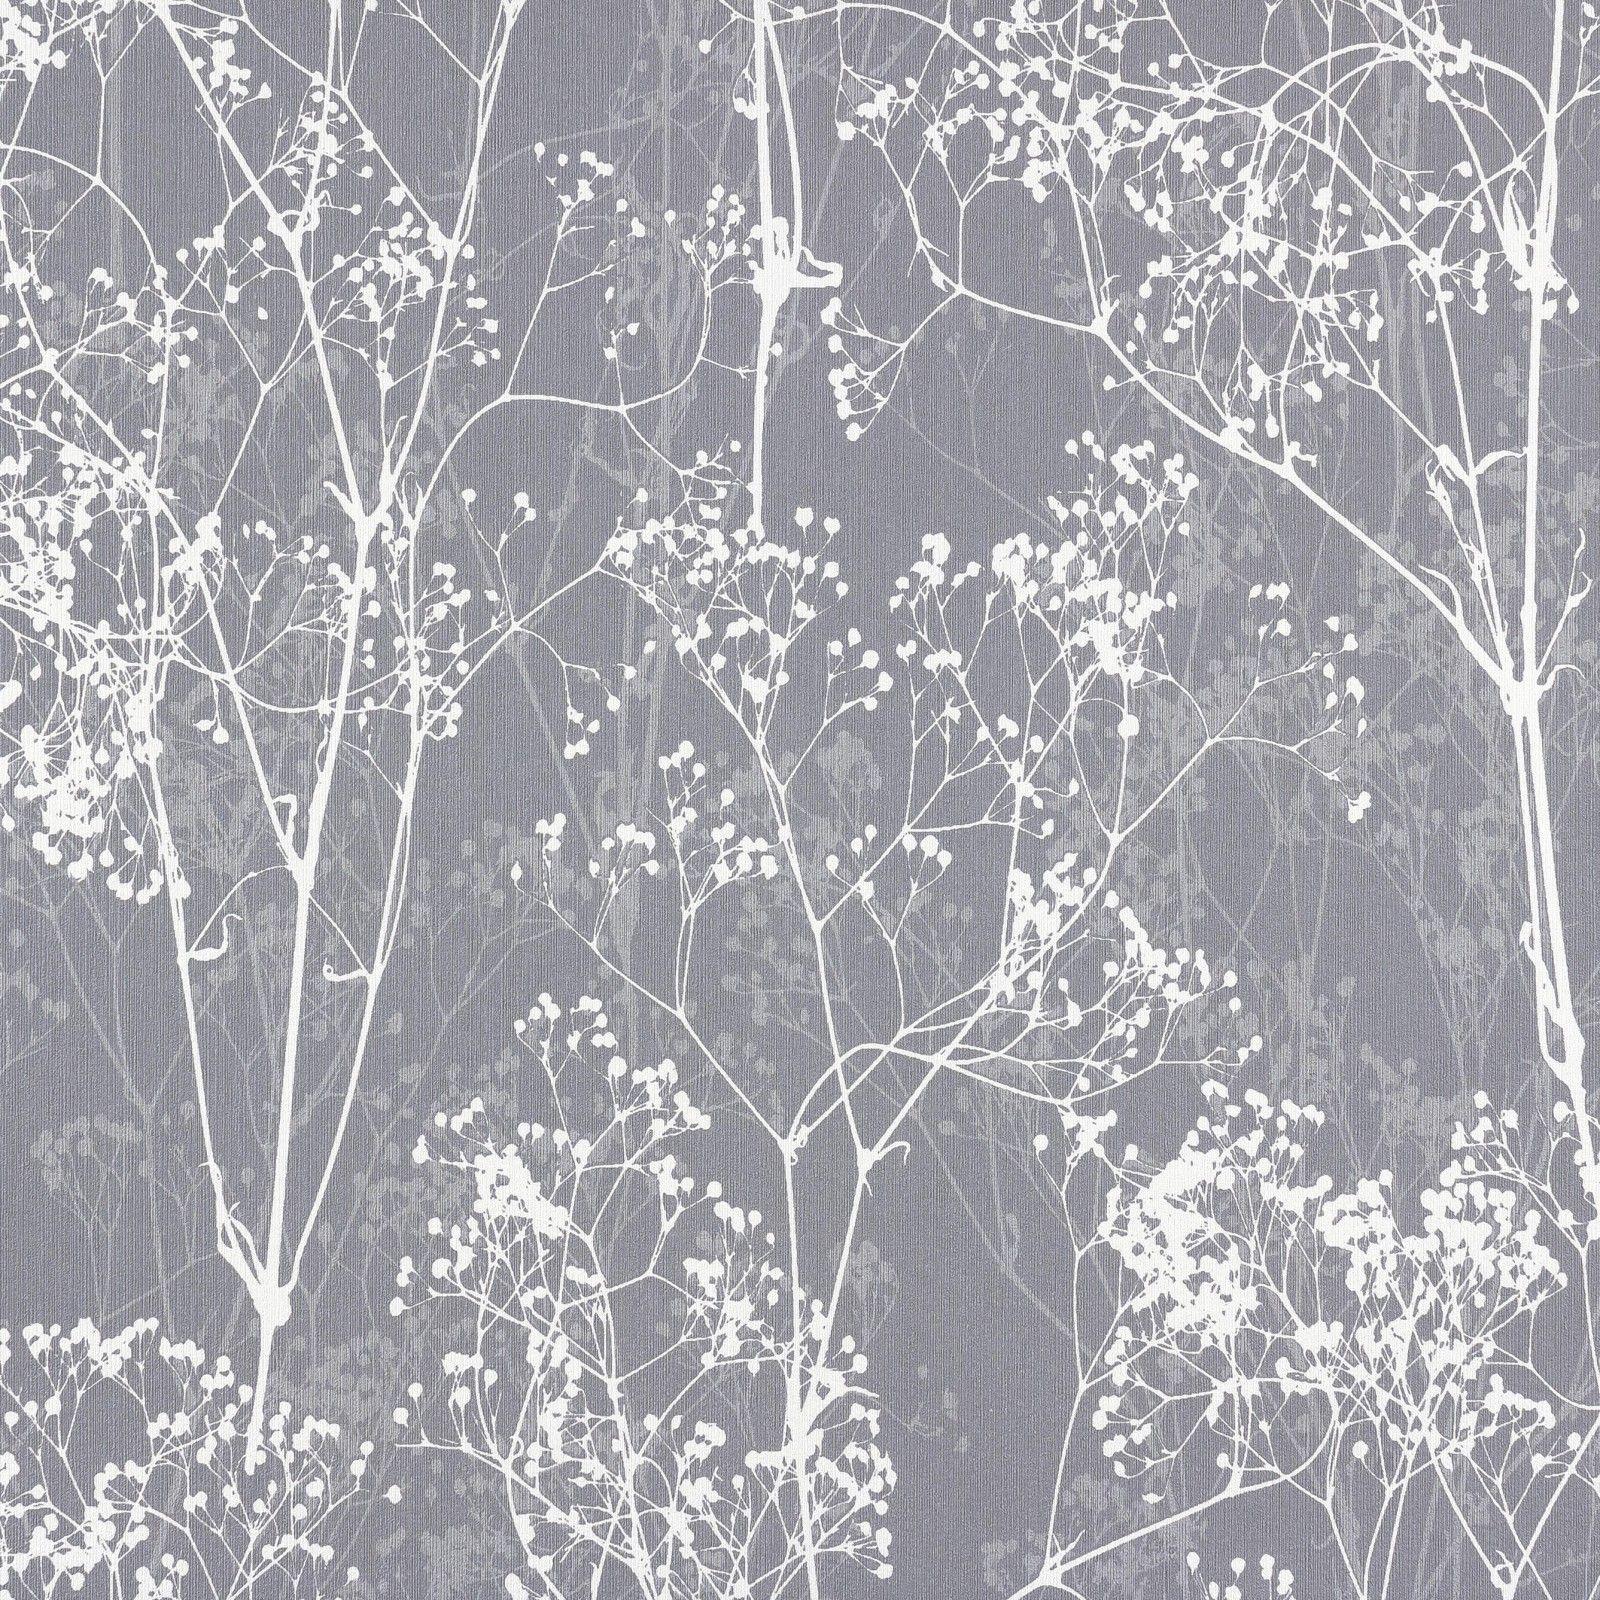 Full Size of Nature Grey Wallpapers Google Search Mit Bildern Tapete Grau Bett Landhausstil Landhaus Schlafzimmer Landhausküche Gebraucht Küche Sofa Wandregal Weiß Wohnzimmer Küchentapete Landhaus